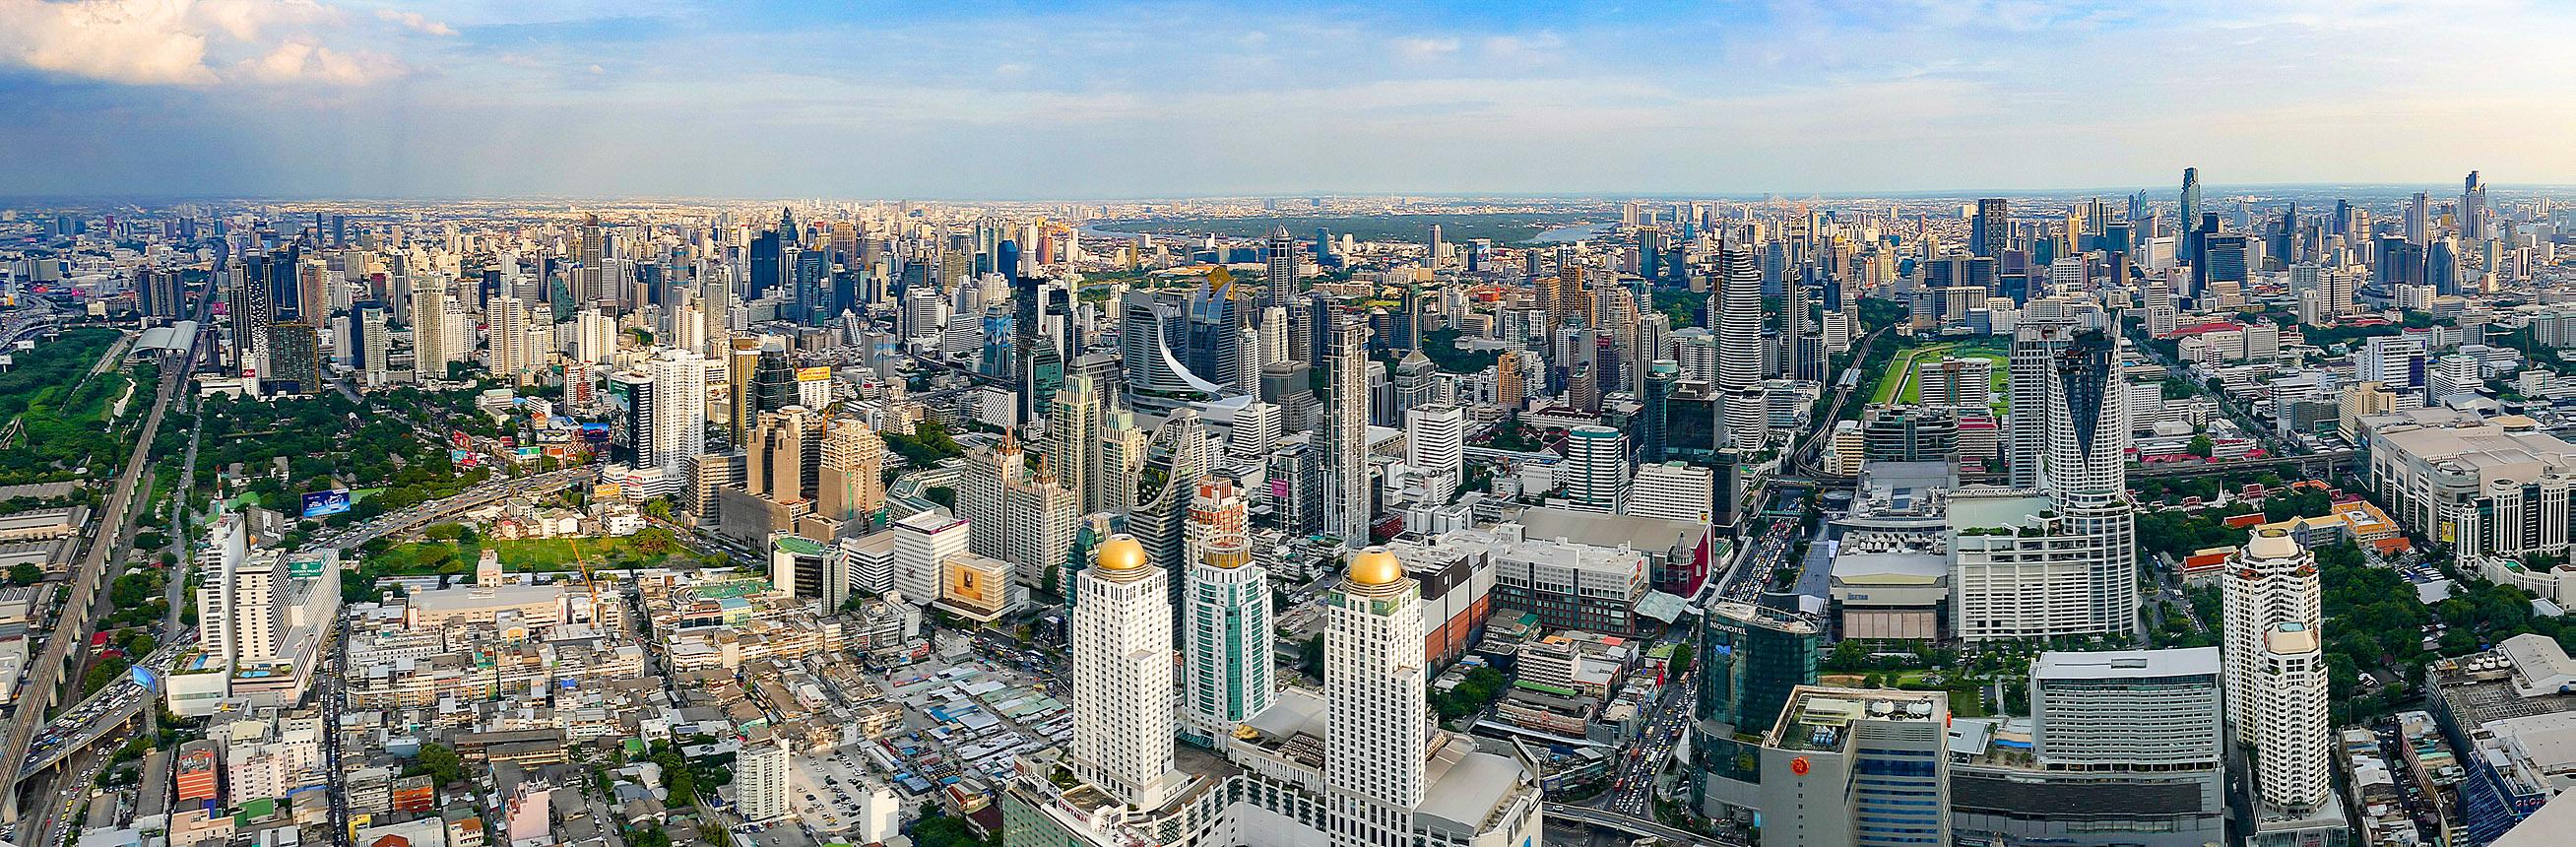 Bangkok Panorama 01 sm by Old Pink.jpg